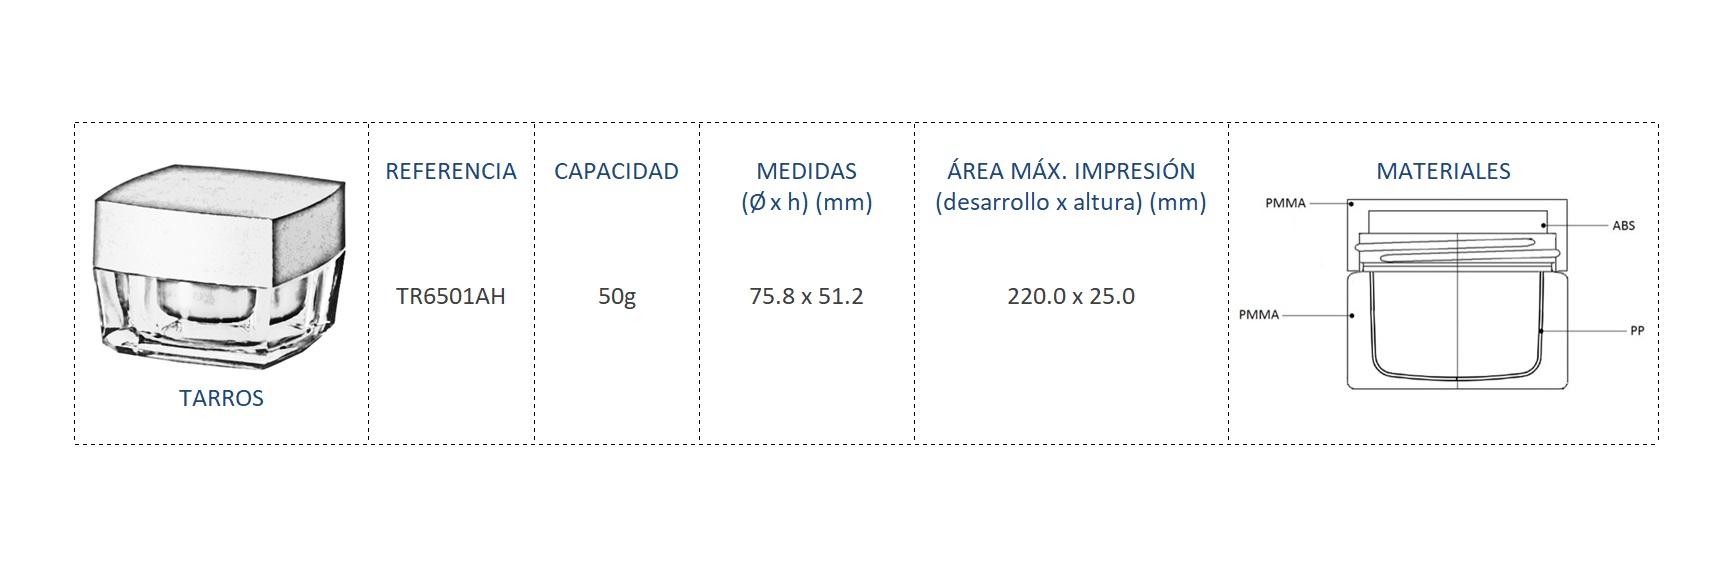 Cuadro de materiales tarro TR6501AH